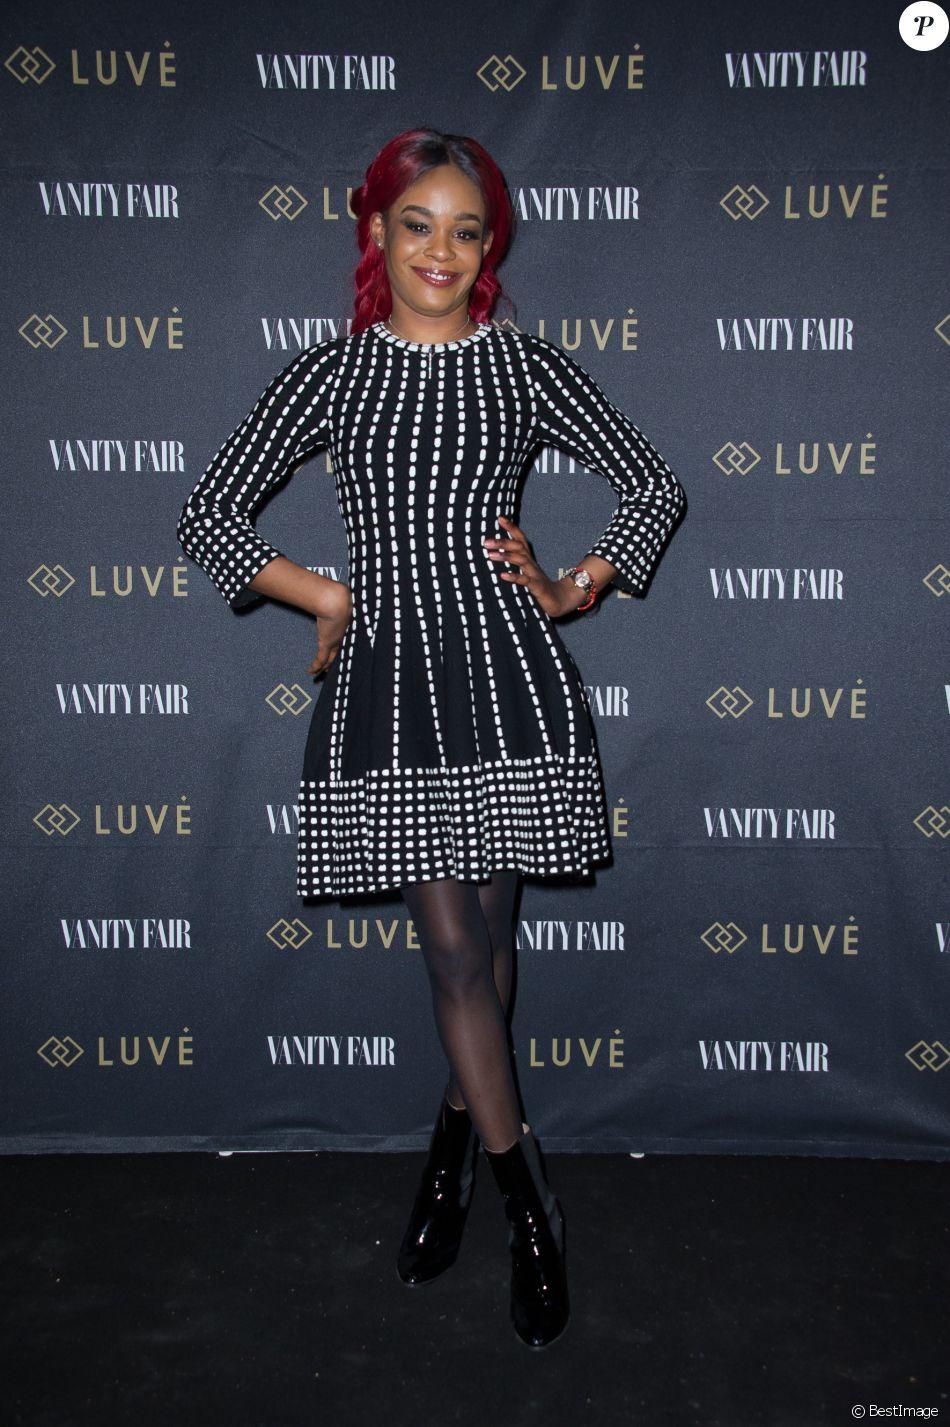 Azealia Banks - Soirée Vanity Fair Luvè lors du 72ème Festival du Film de Venise, la Mostra. Le 7 septembre 2015